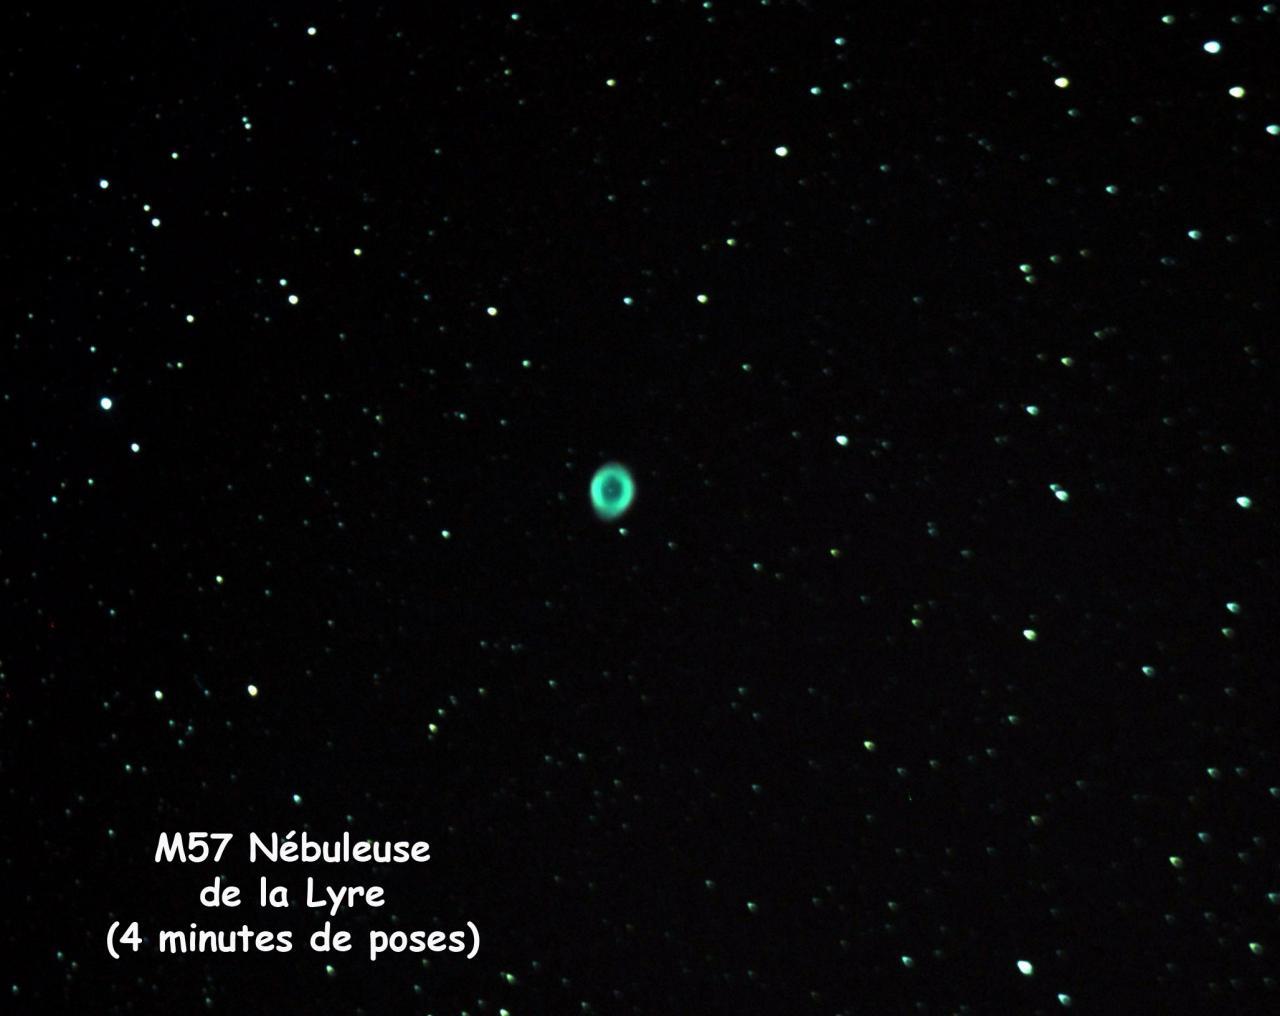 M57 Nébuleuse de la Lyre